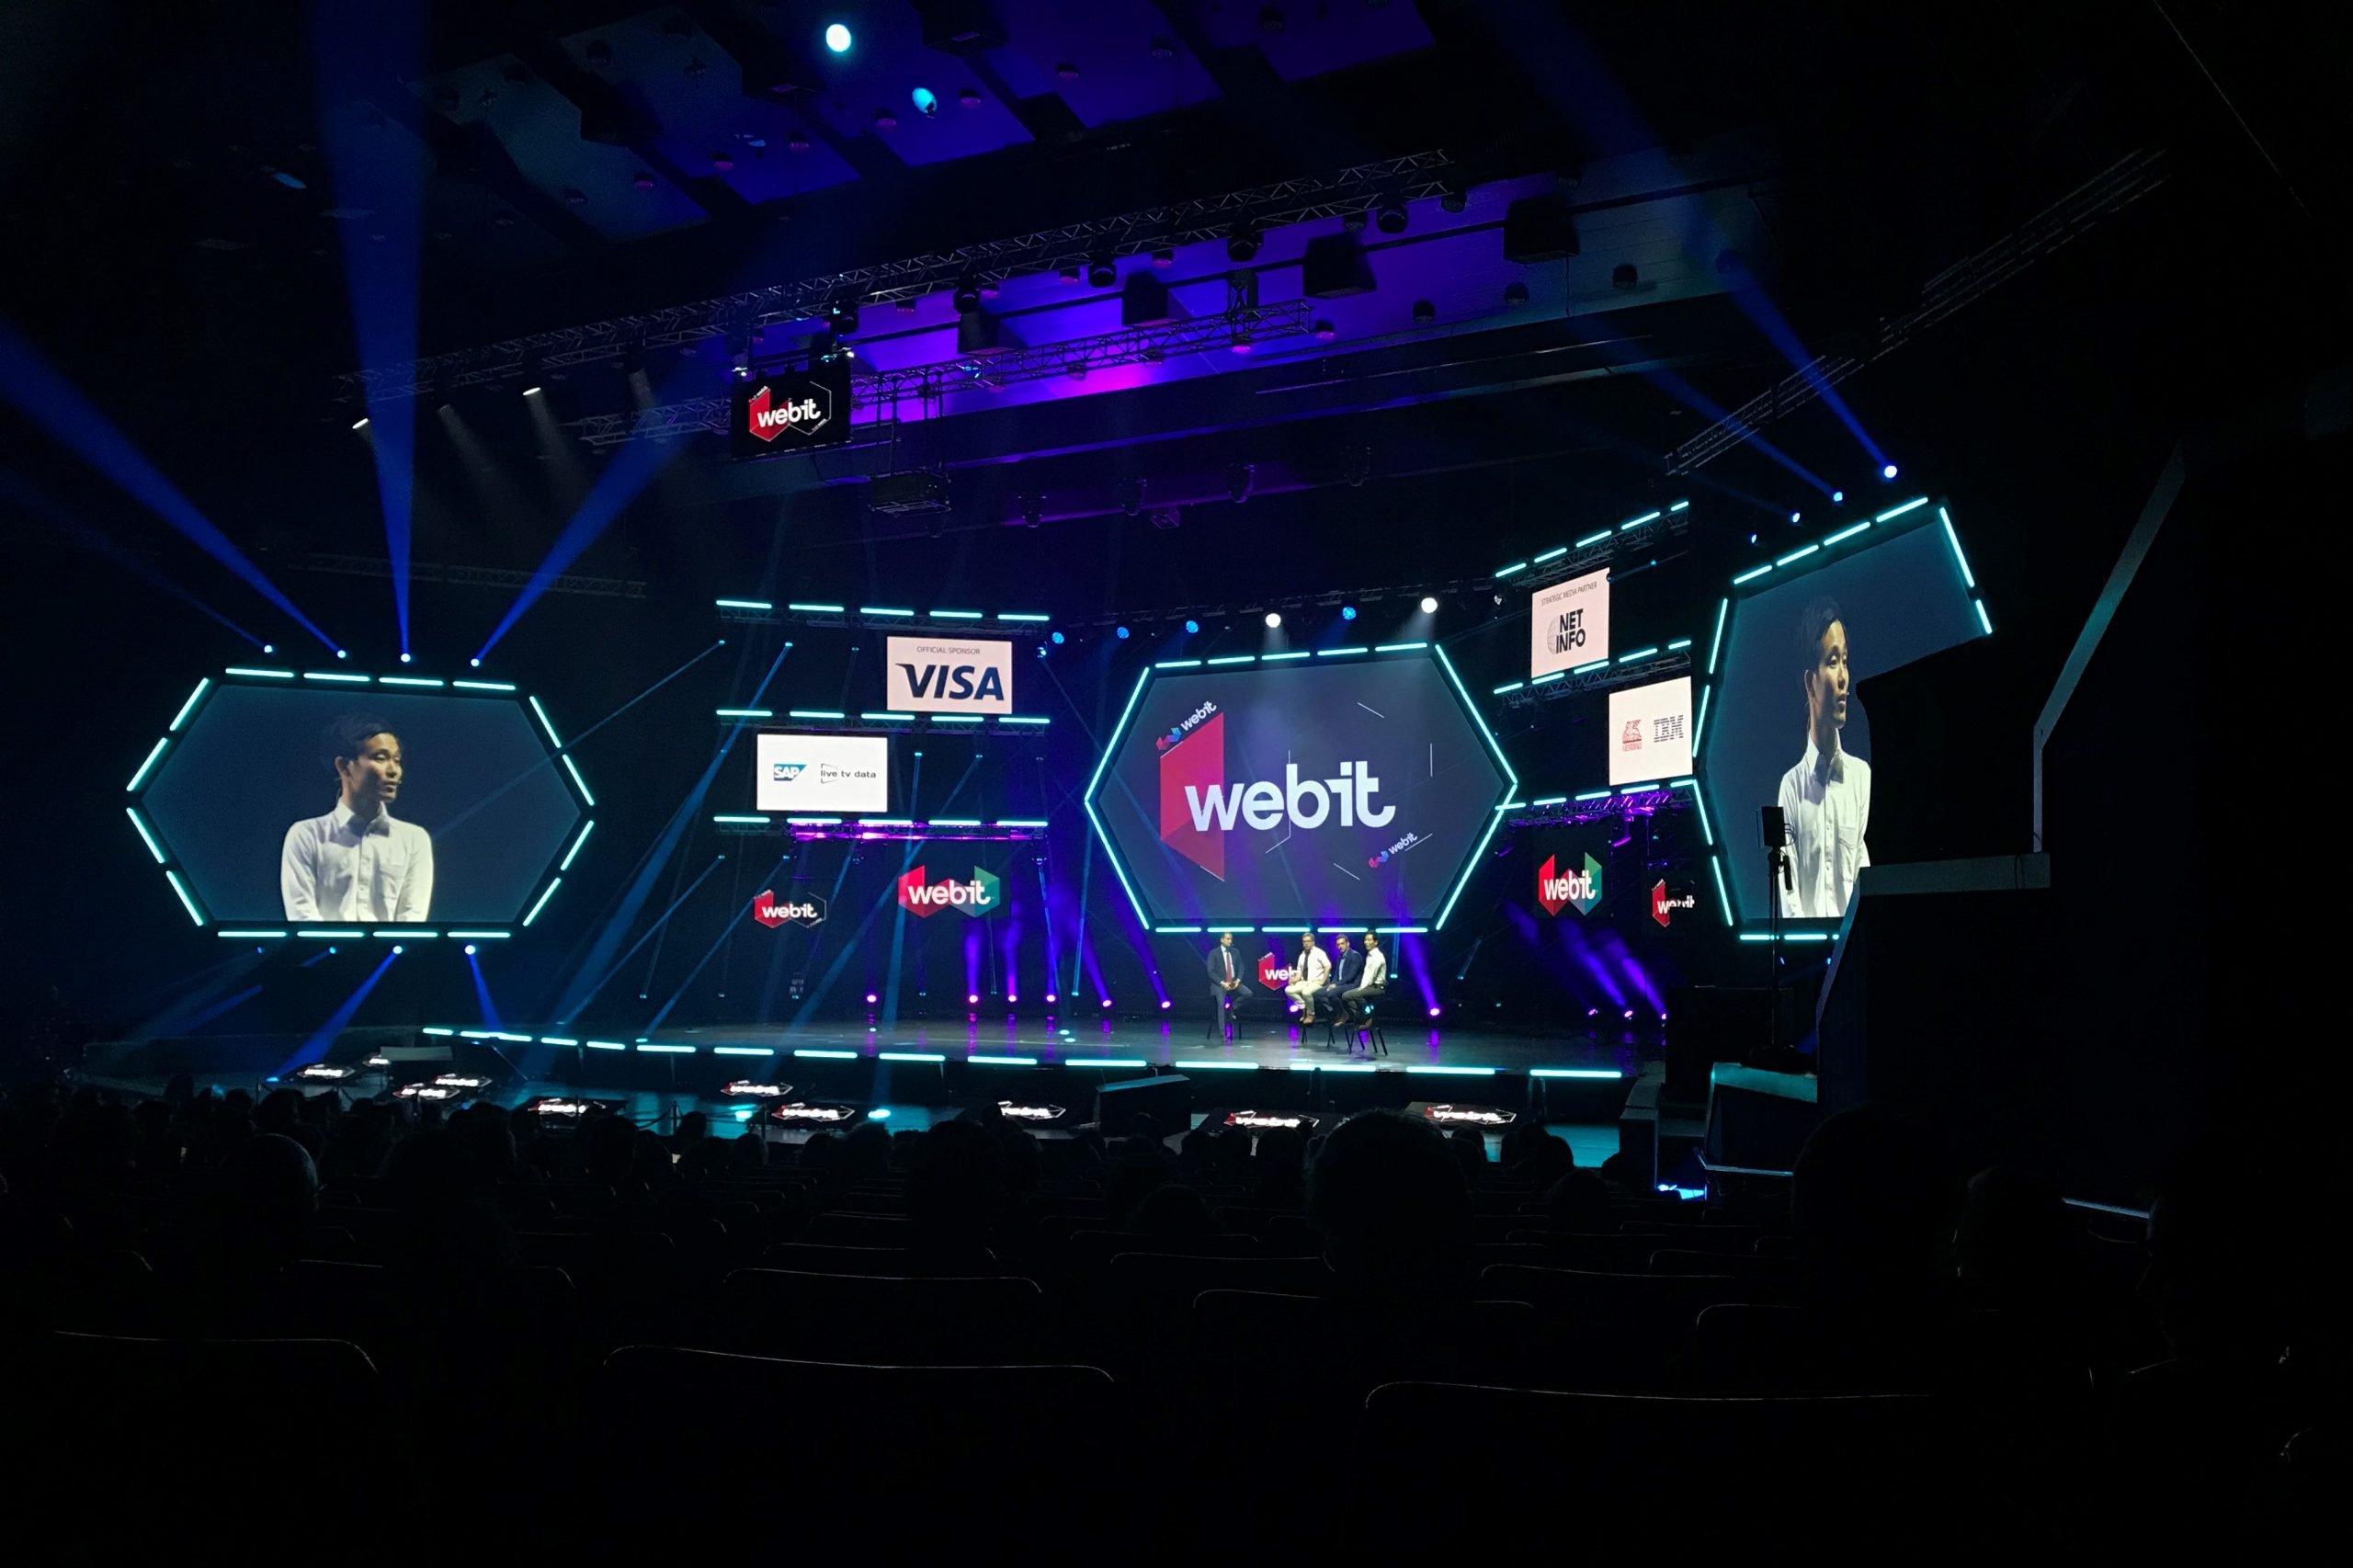 Webit stage